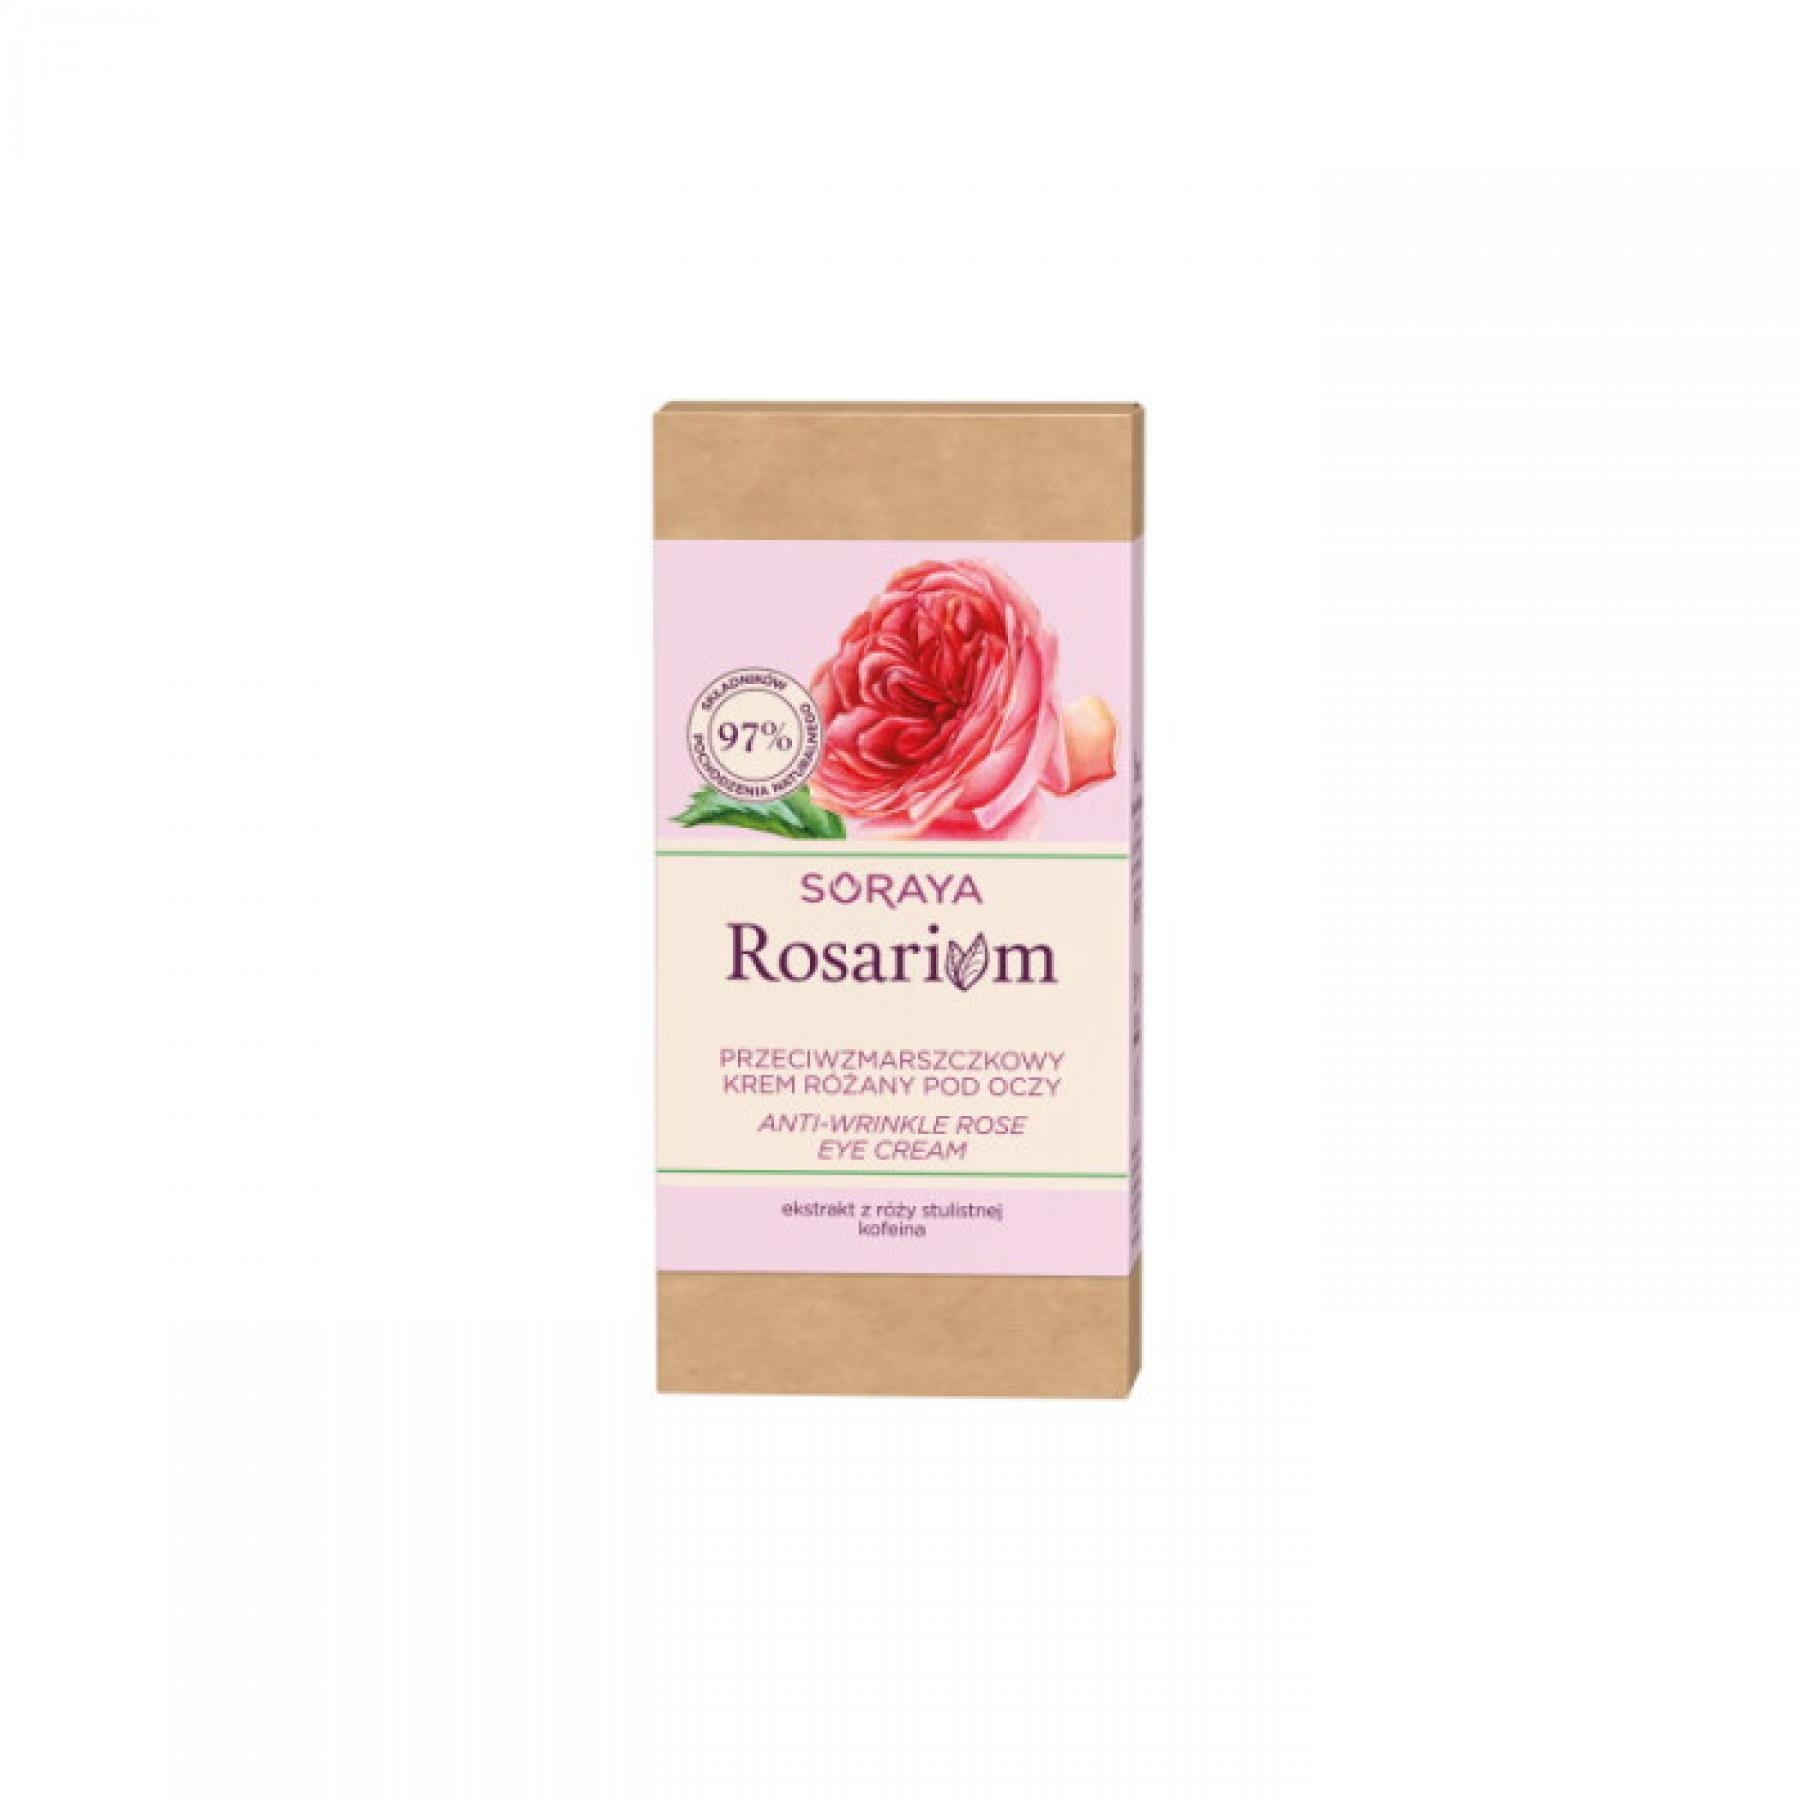 Rosarium serum 30ml